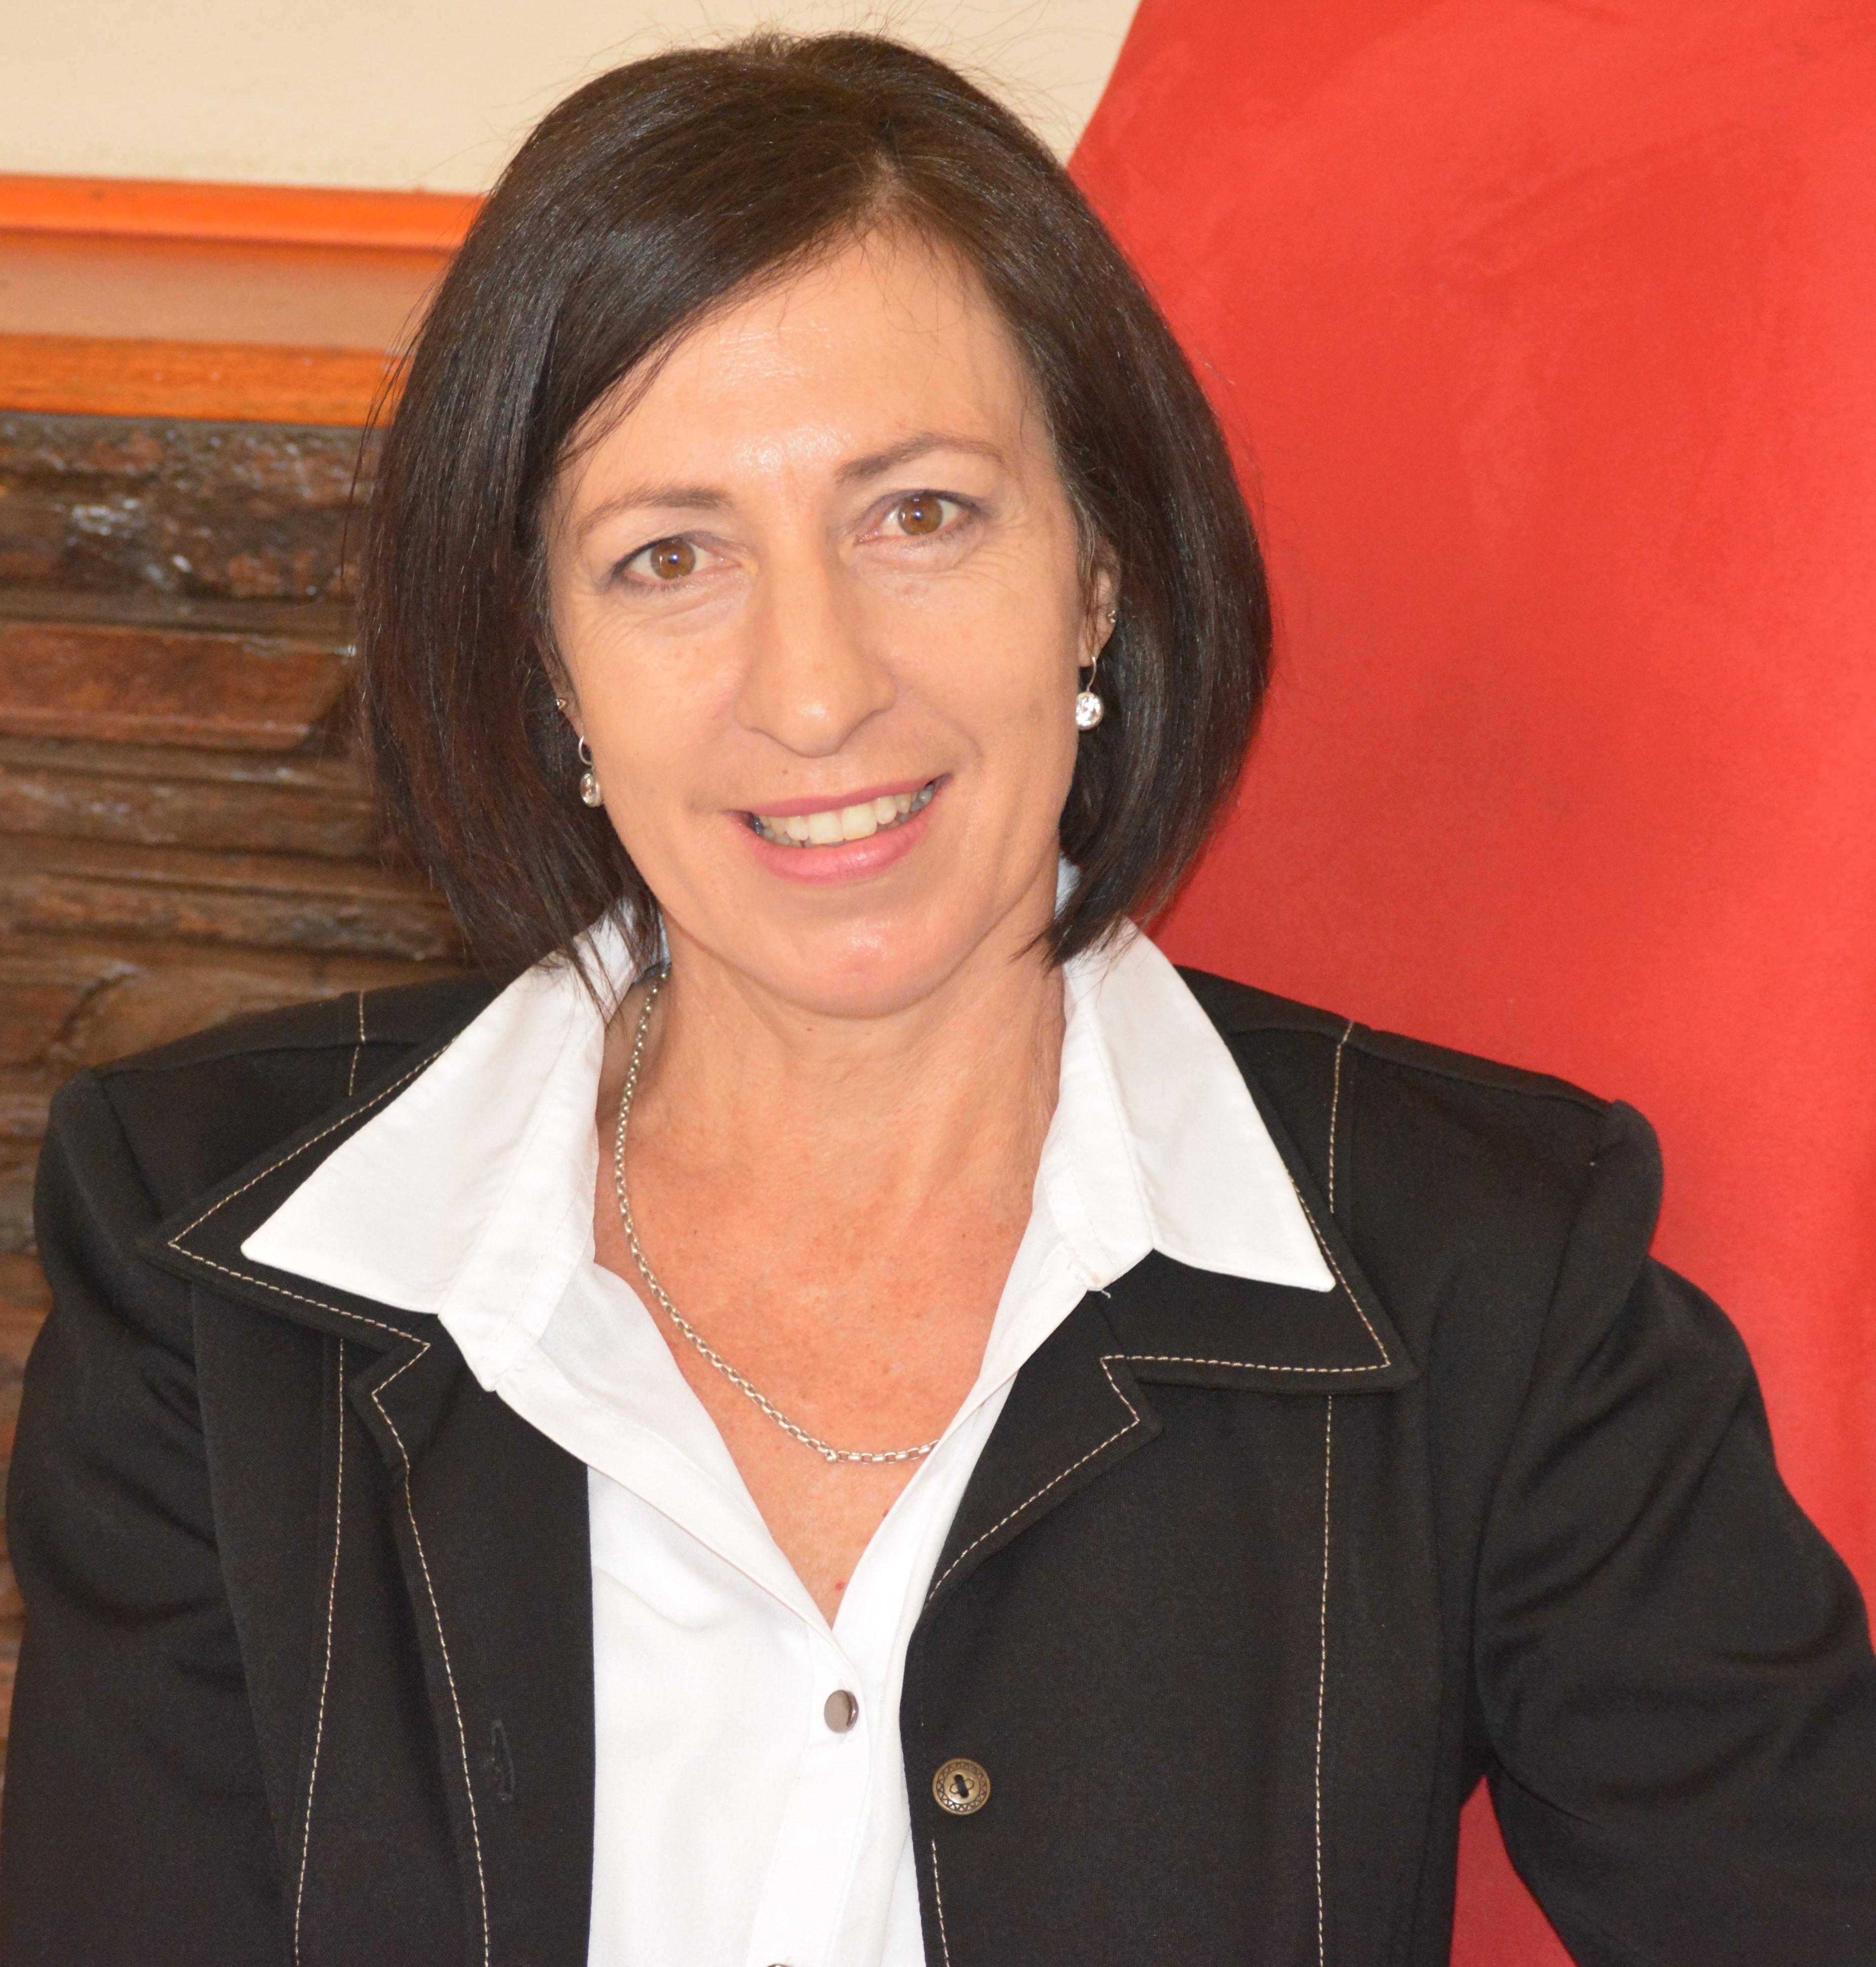 Carol Cronje-De Villiers